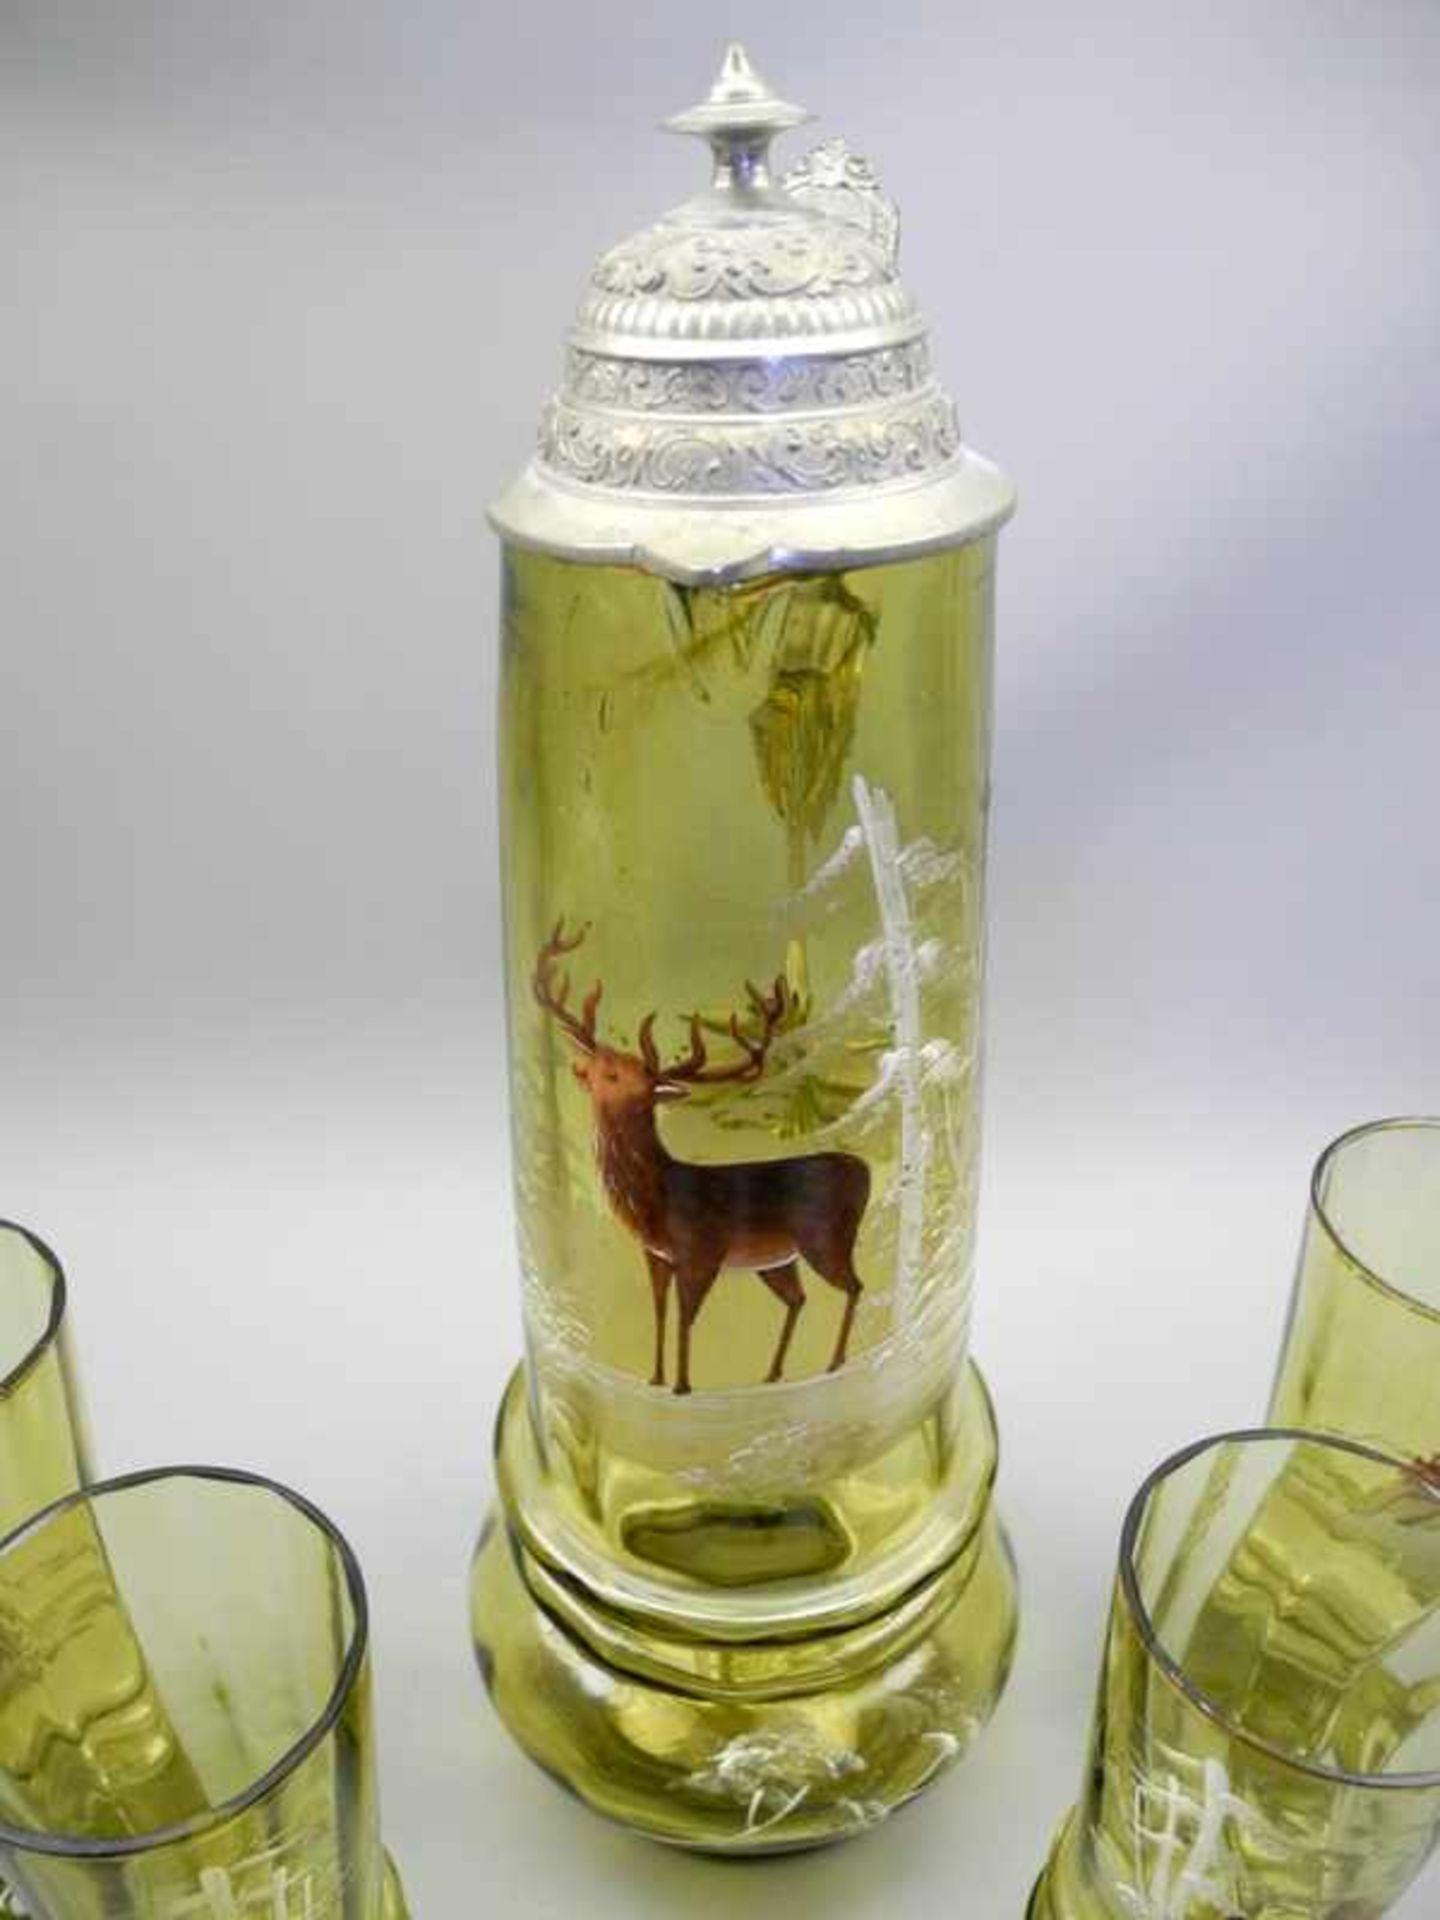 Sammlerkanne mit 6 Gläsern im JagdmotivGrünglas geschliffen, Kanne mit Zinnmontur. Set bestehend aus - Bild 3 aus 4